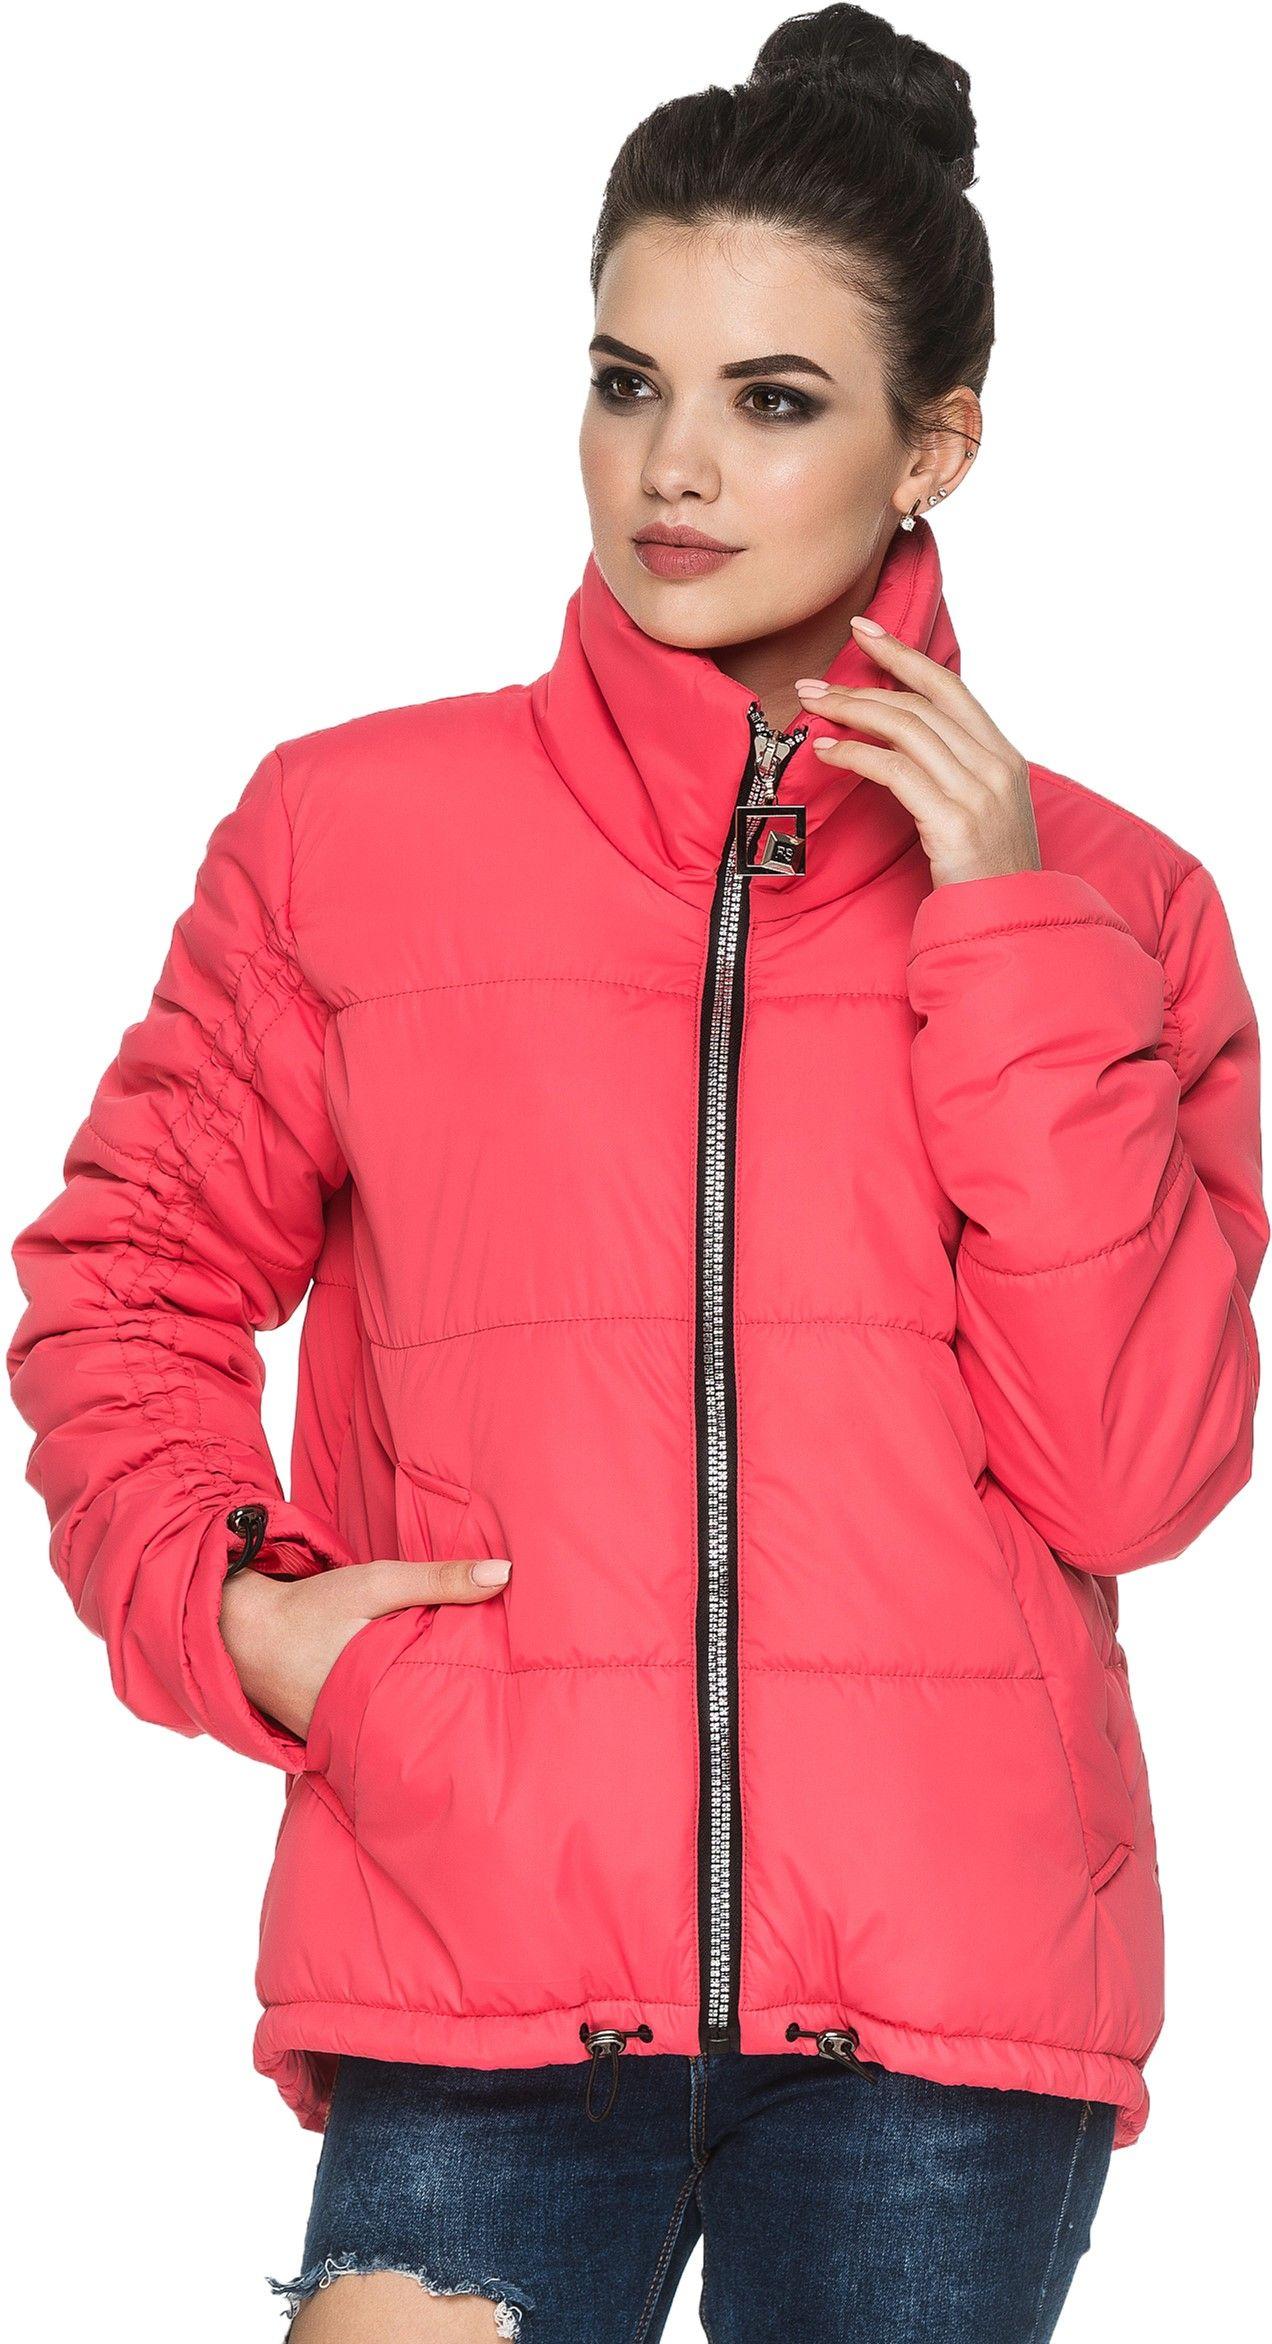 материал куртки